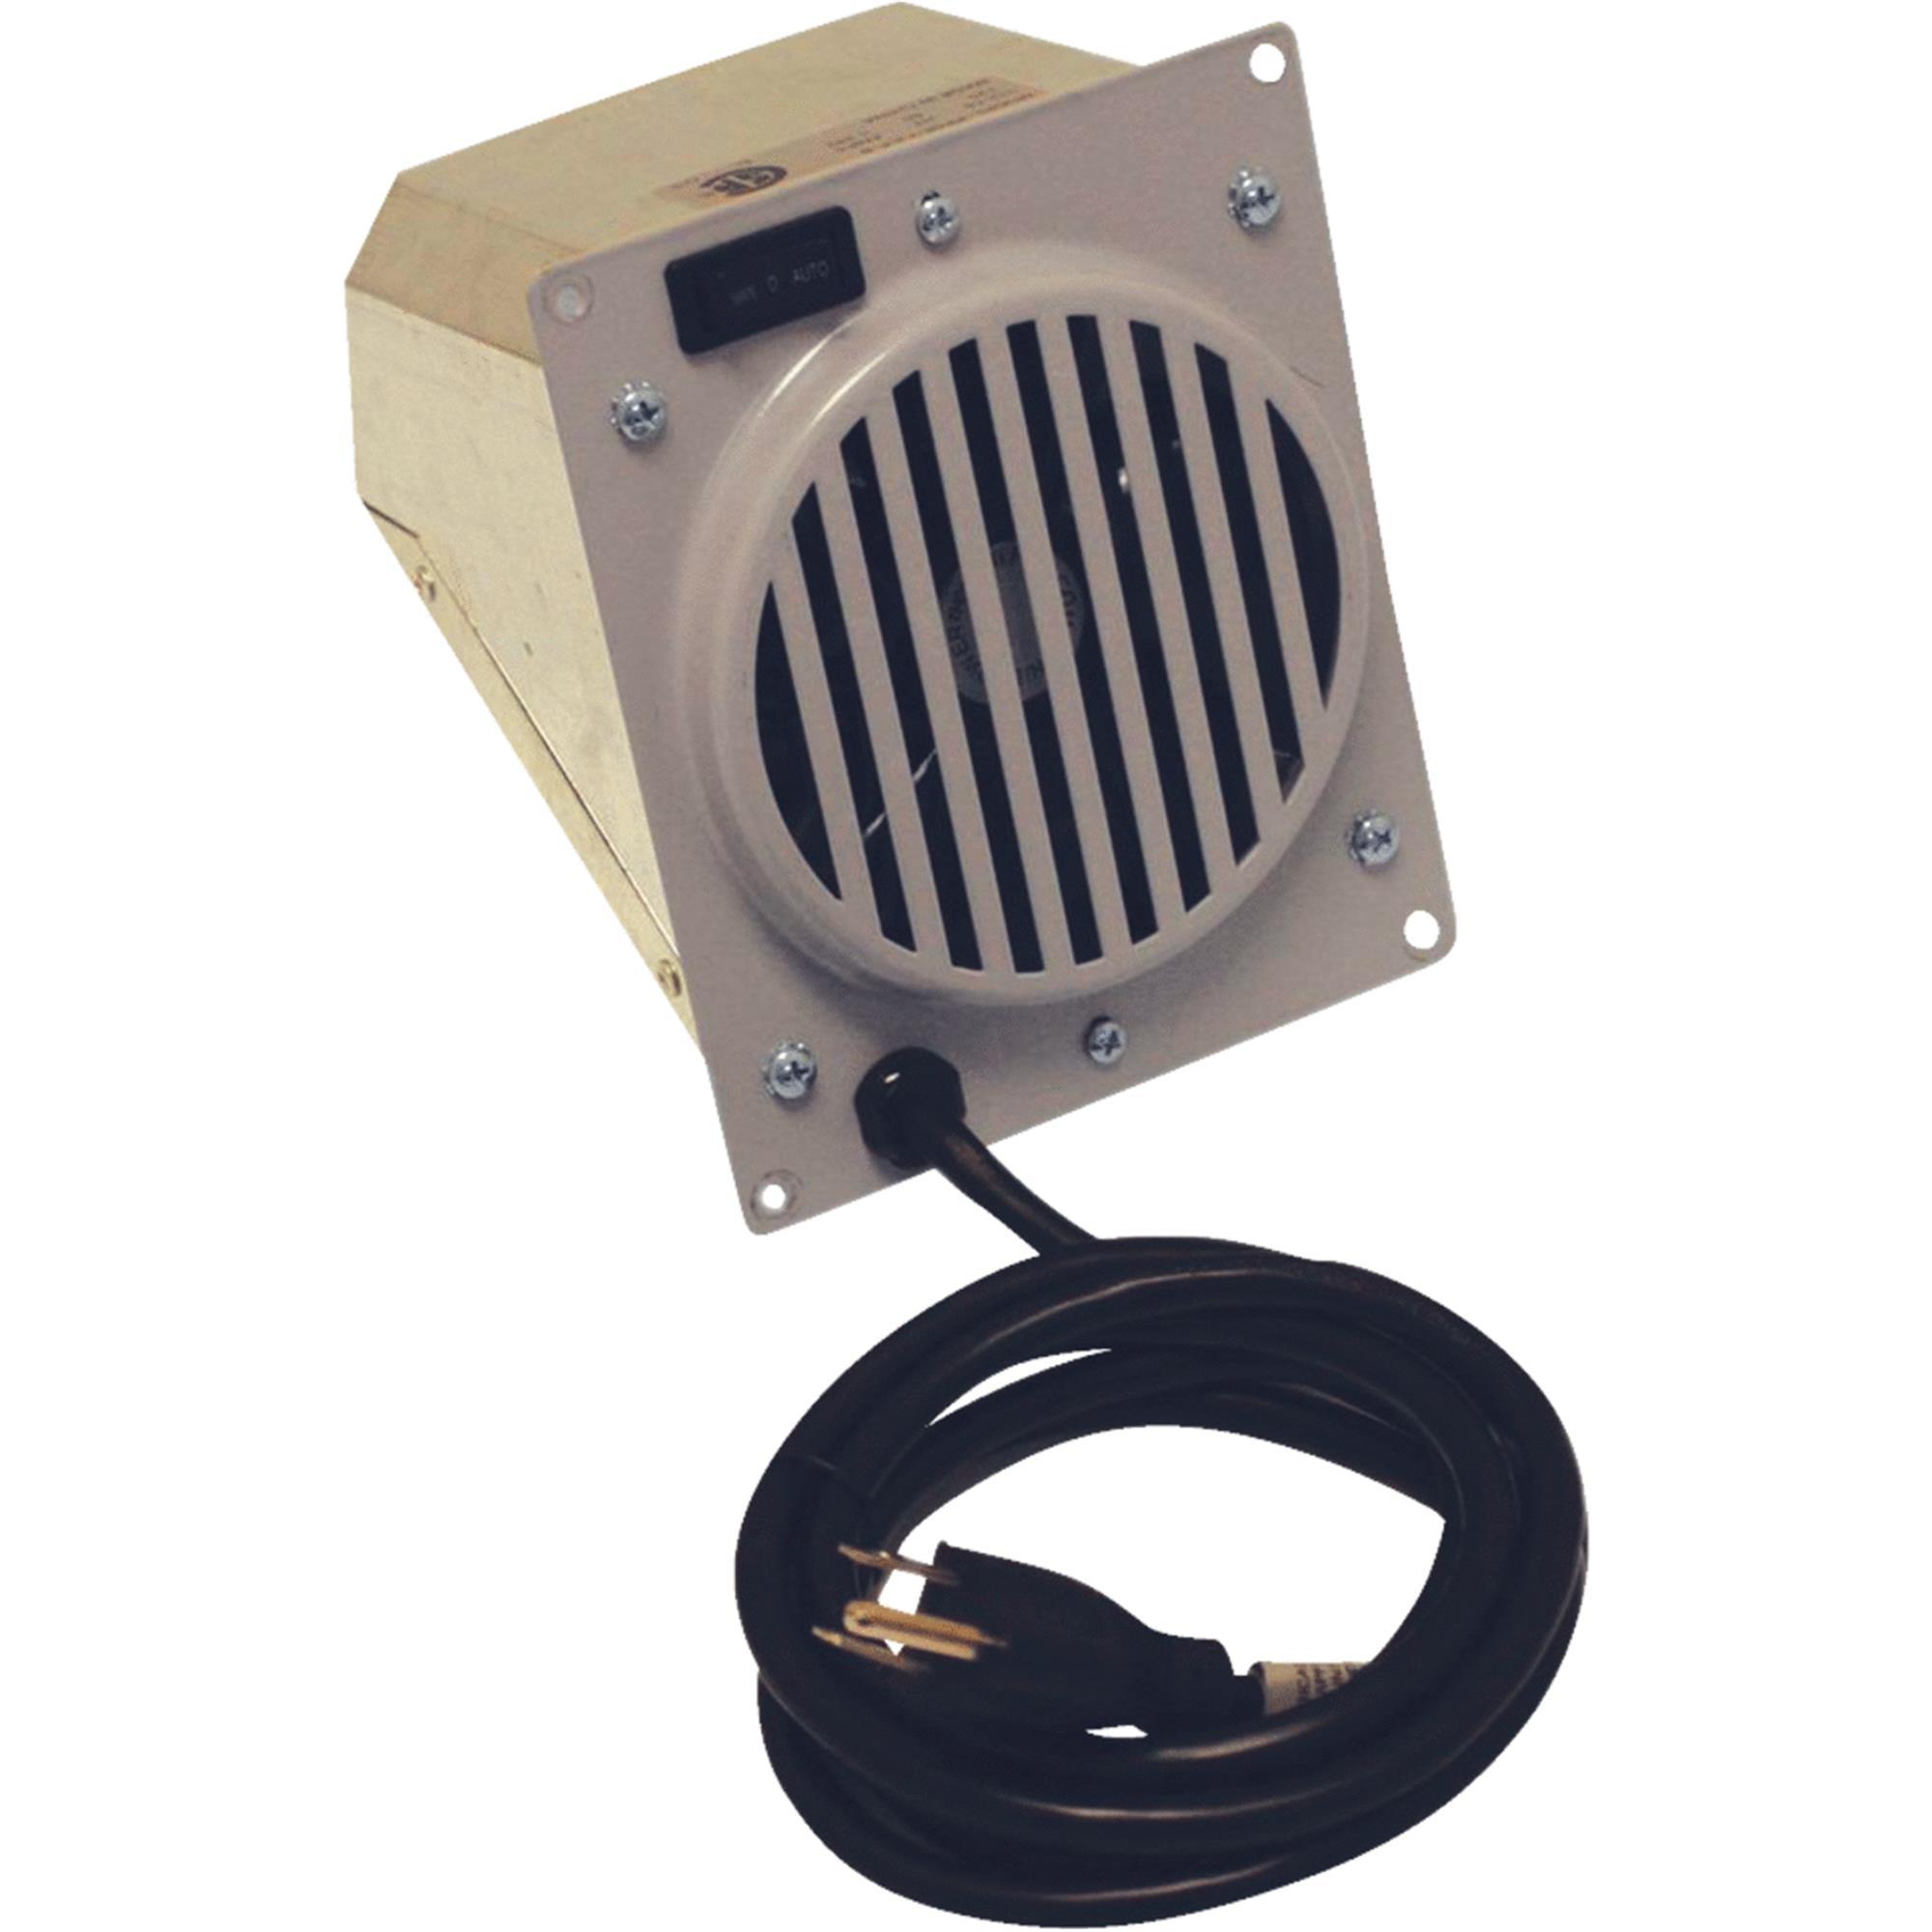 ProCom Wall Heater Blower